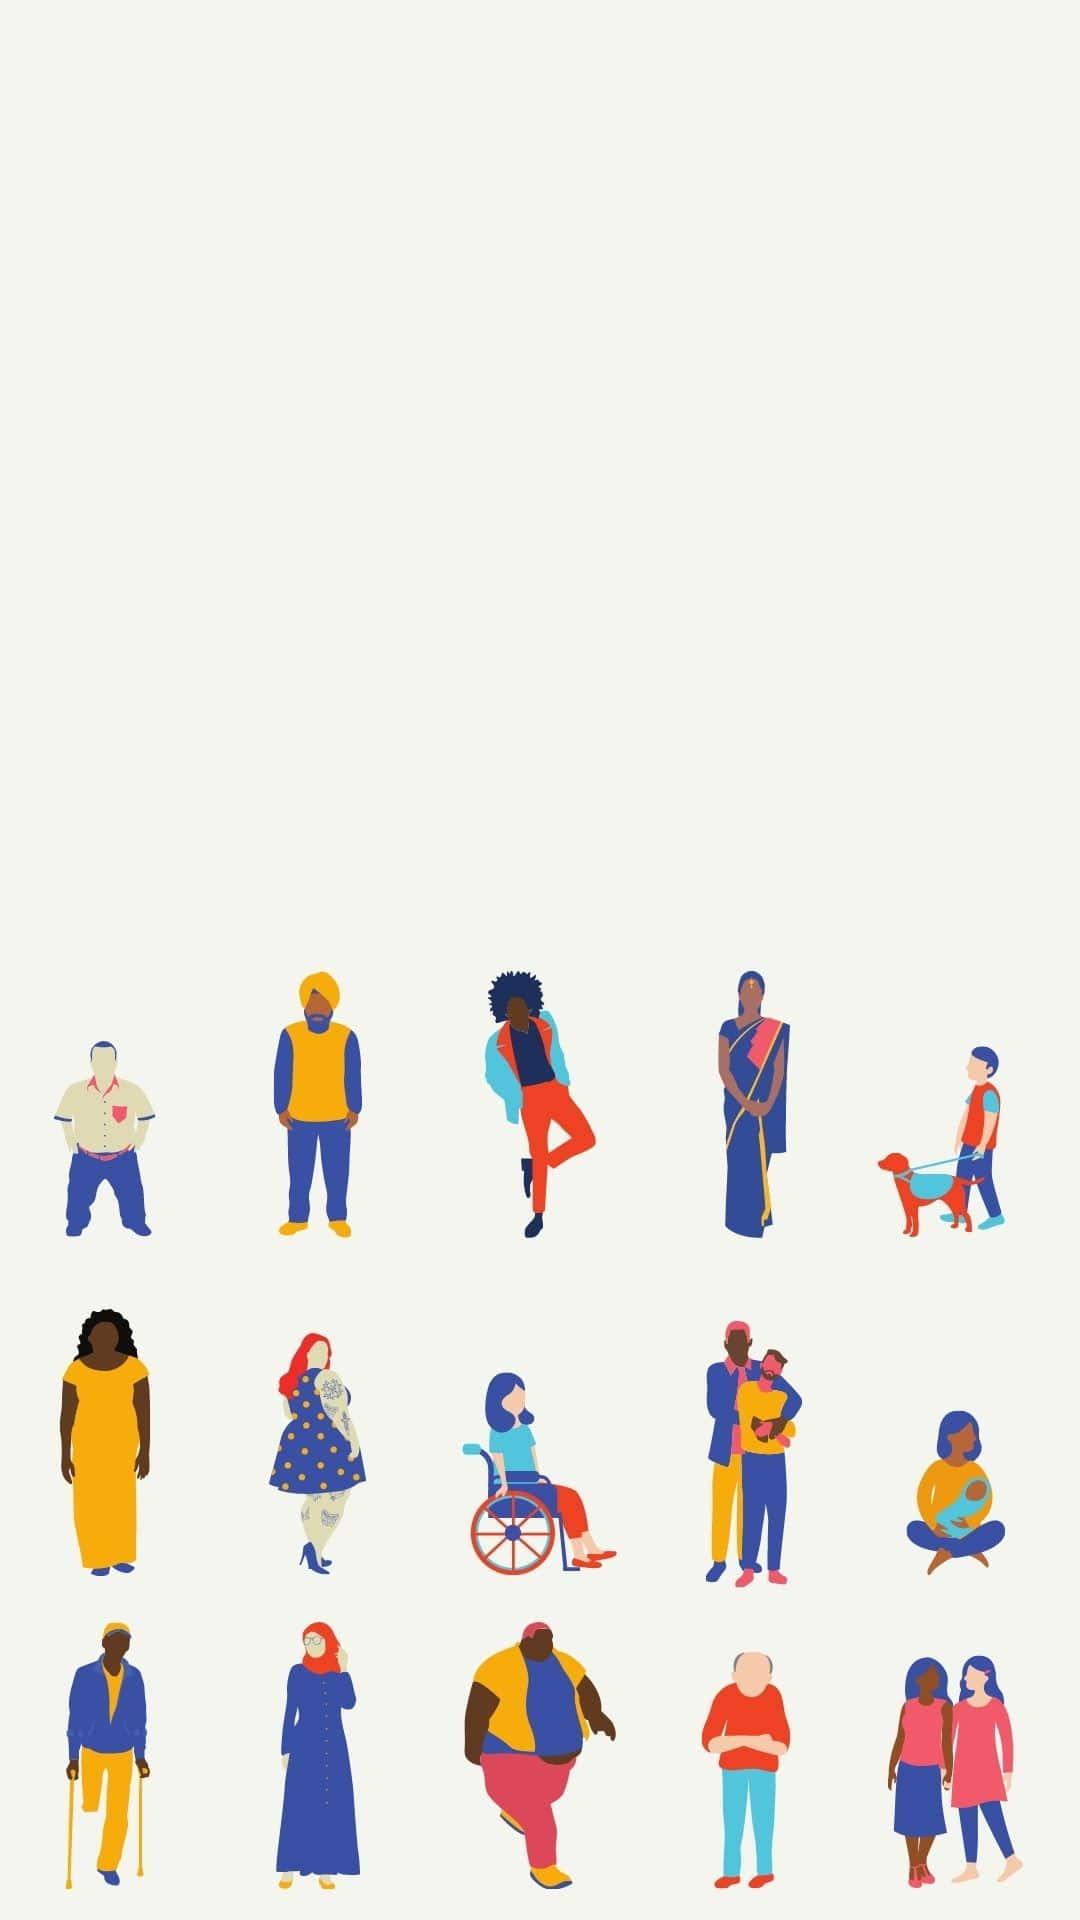 Tekeningen van diverse personen, zoals een persoon in een rolstoel, een dikke zwarte man, een homokoppel, etc.